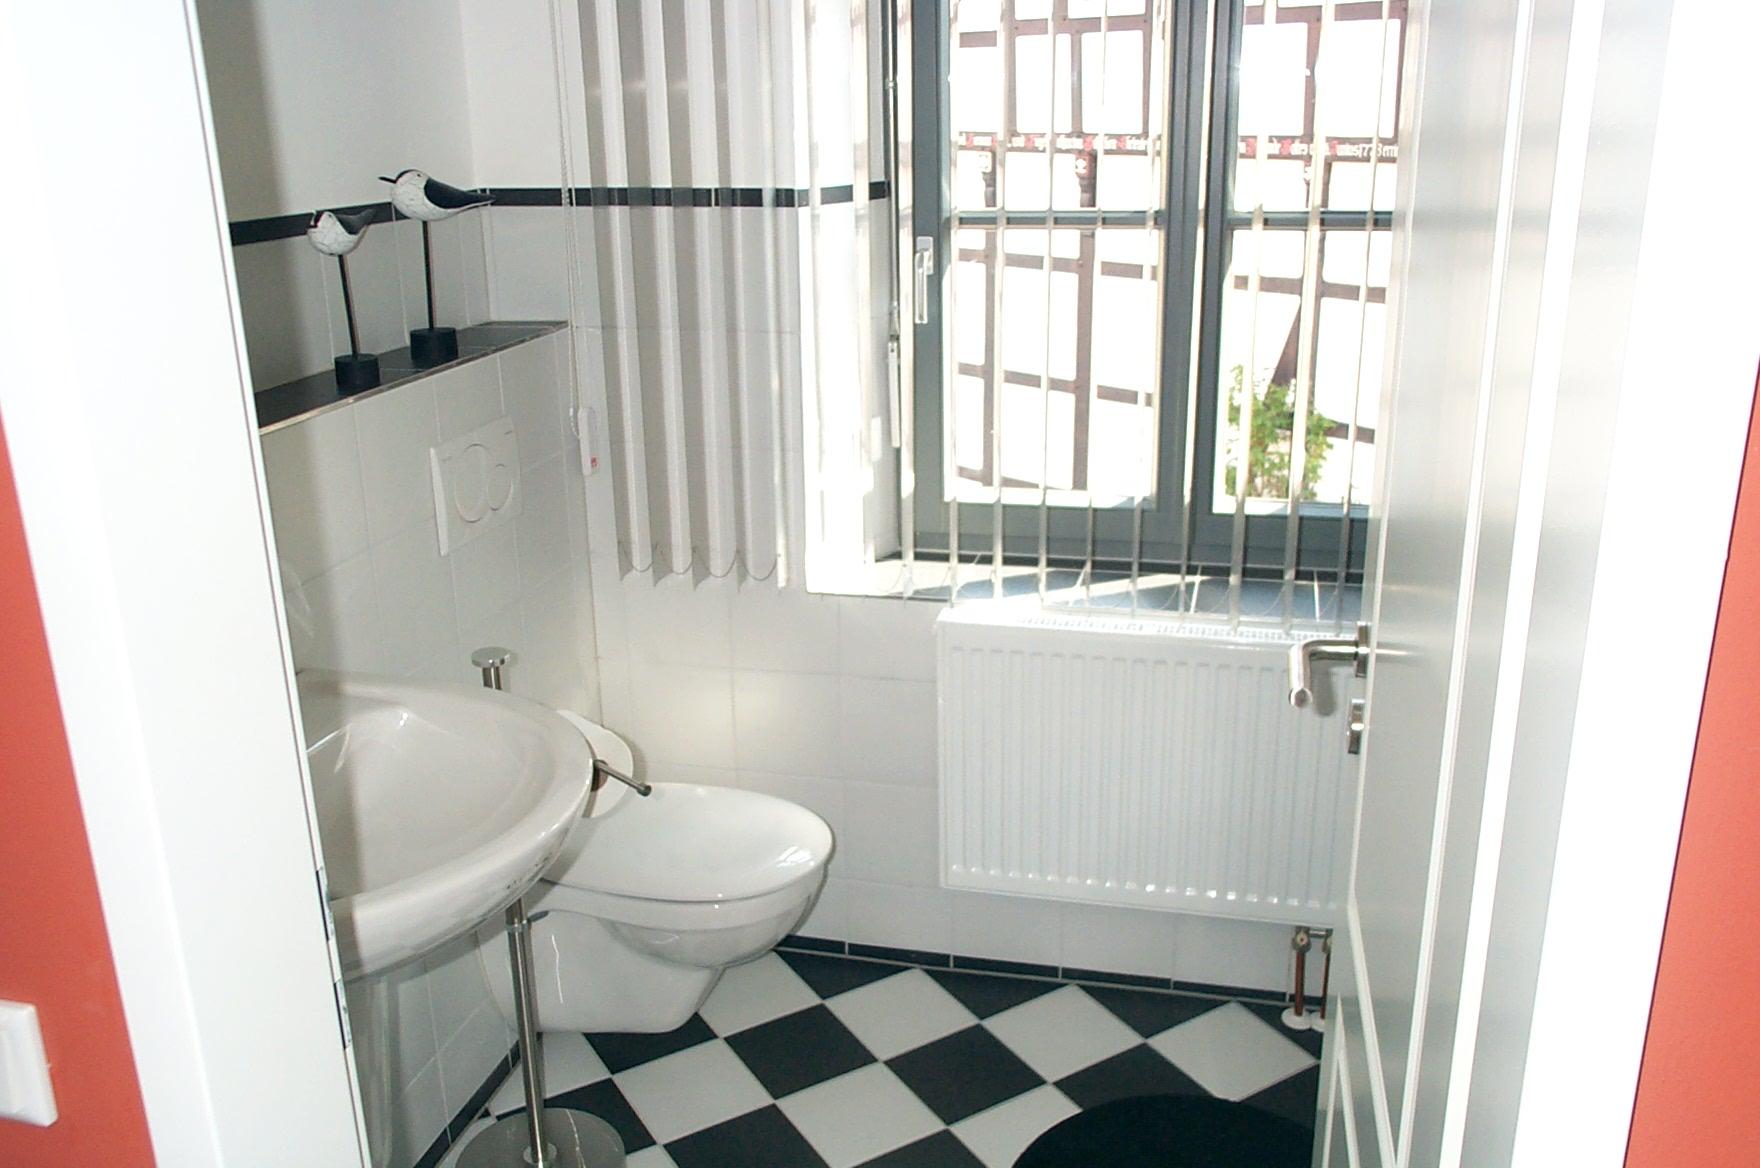 weitzel-boardinghouse-appart-rathausplatz-ok-01